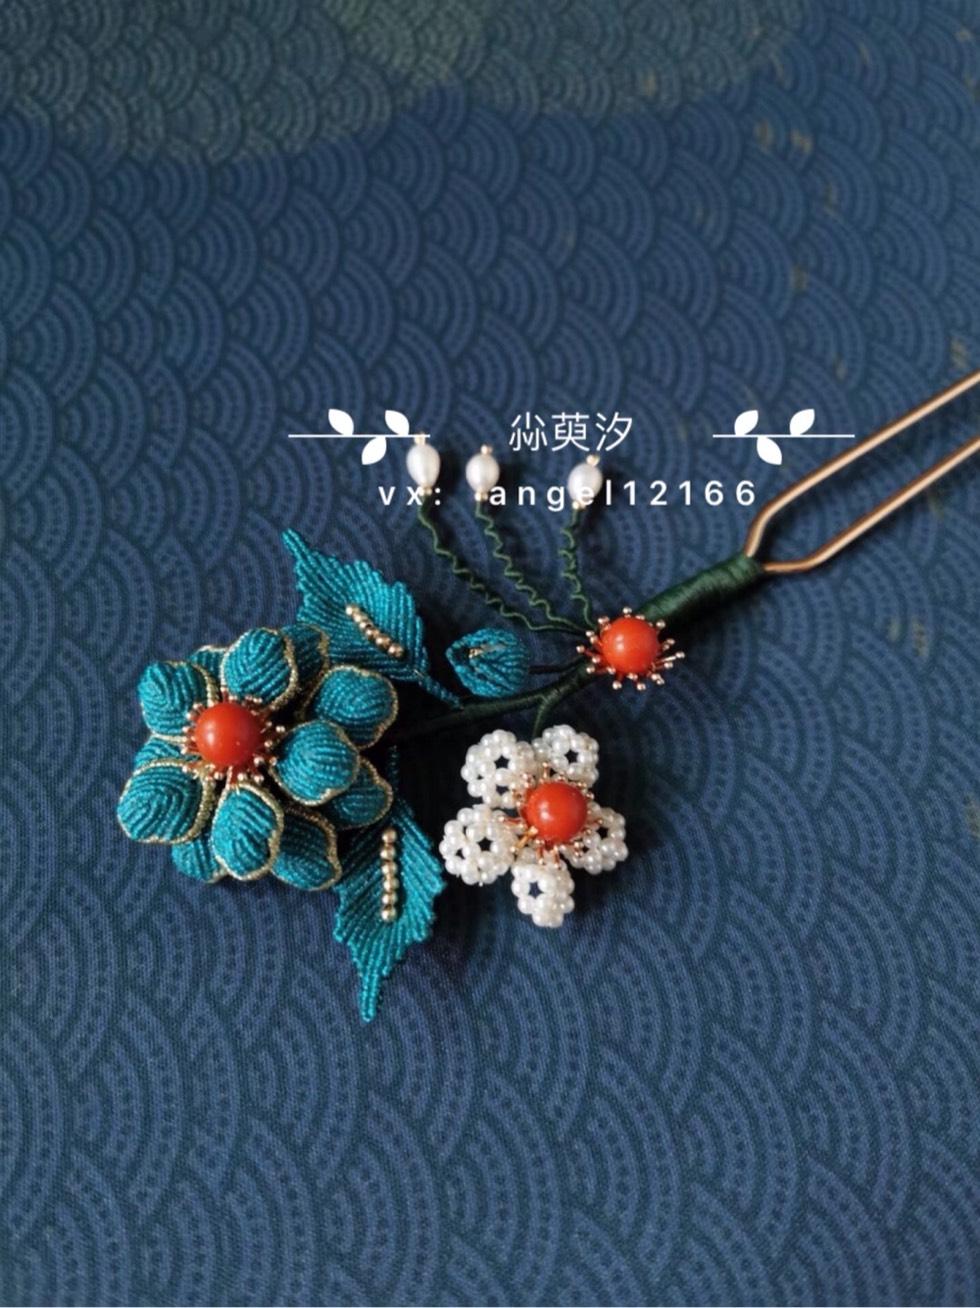 中国结论坛 仿点翠花簪系列 系列,翠花,点翠 作品展示 163820pw1kpw31wzpqn1ya